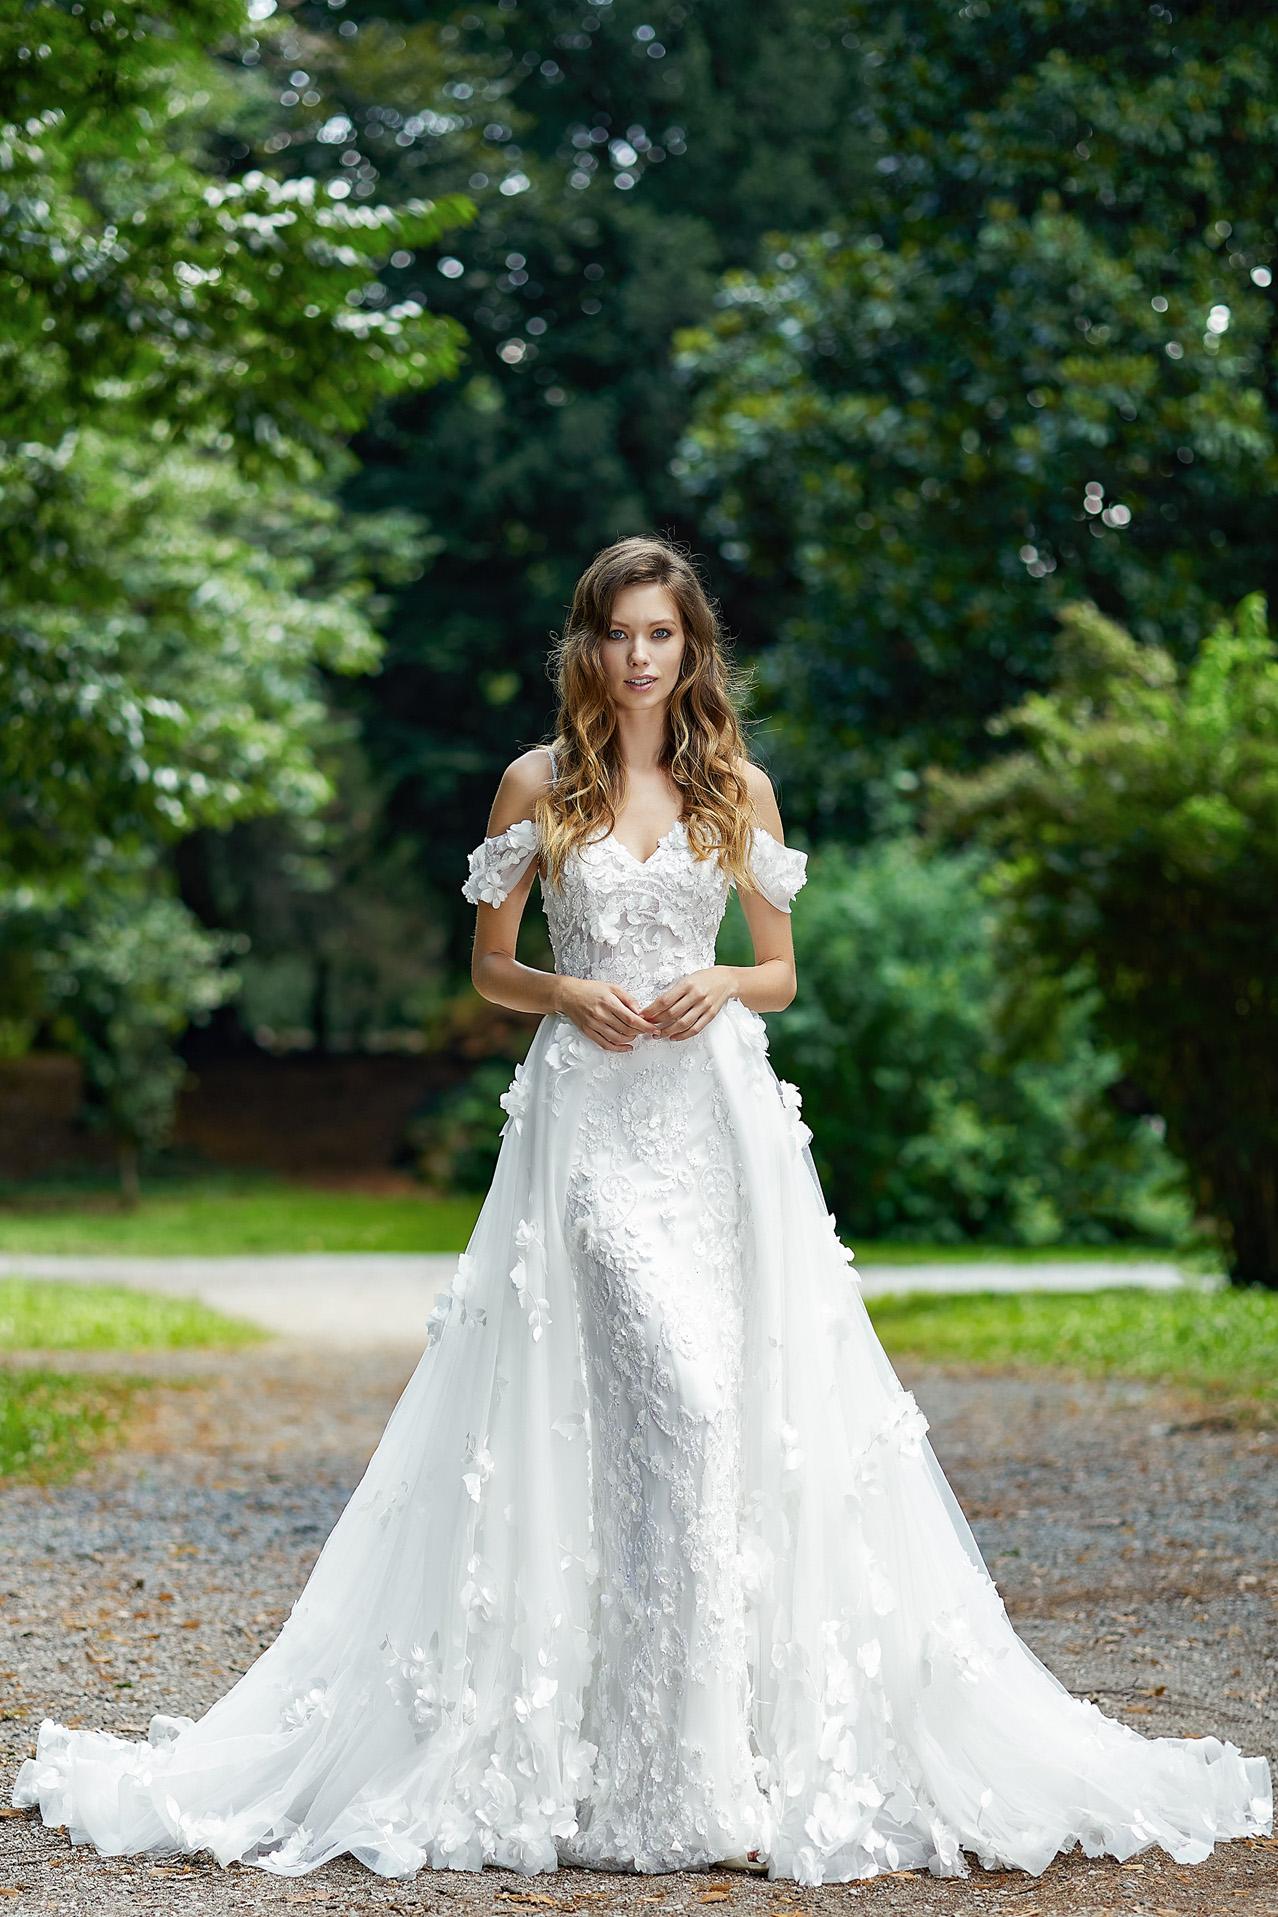 Abito Sposa Modello 2024 - foto davanti